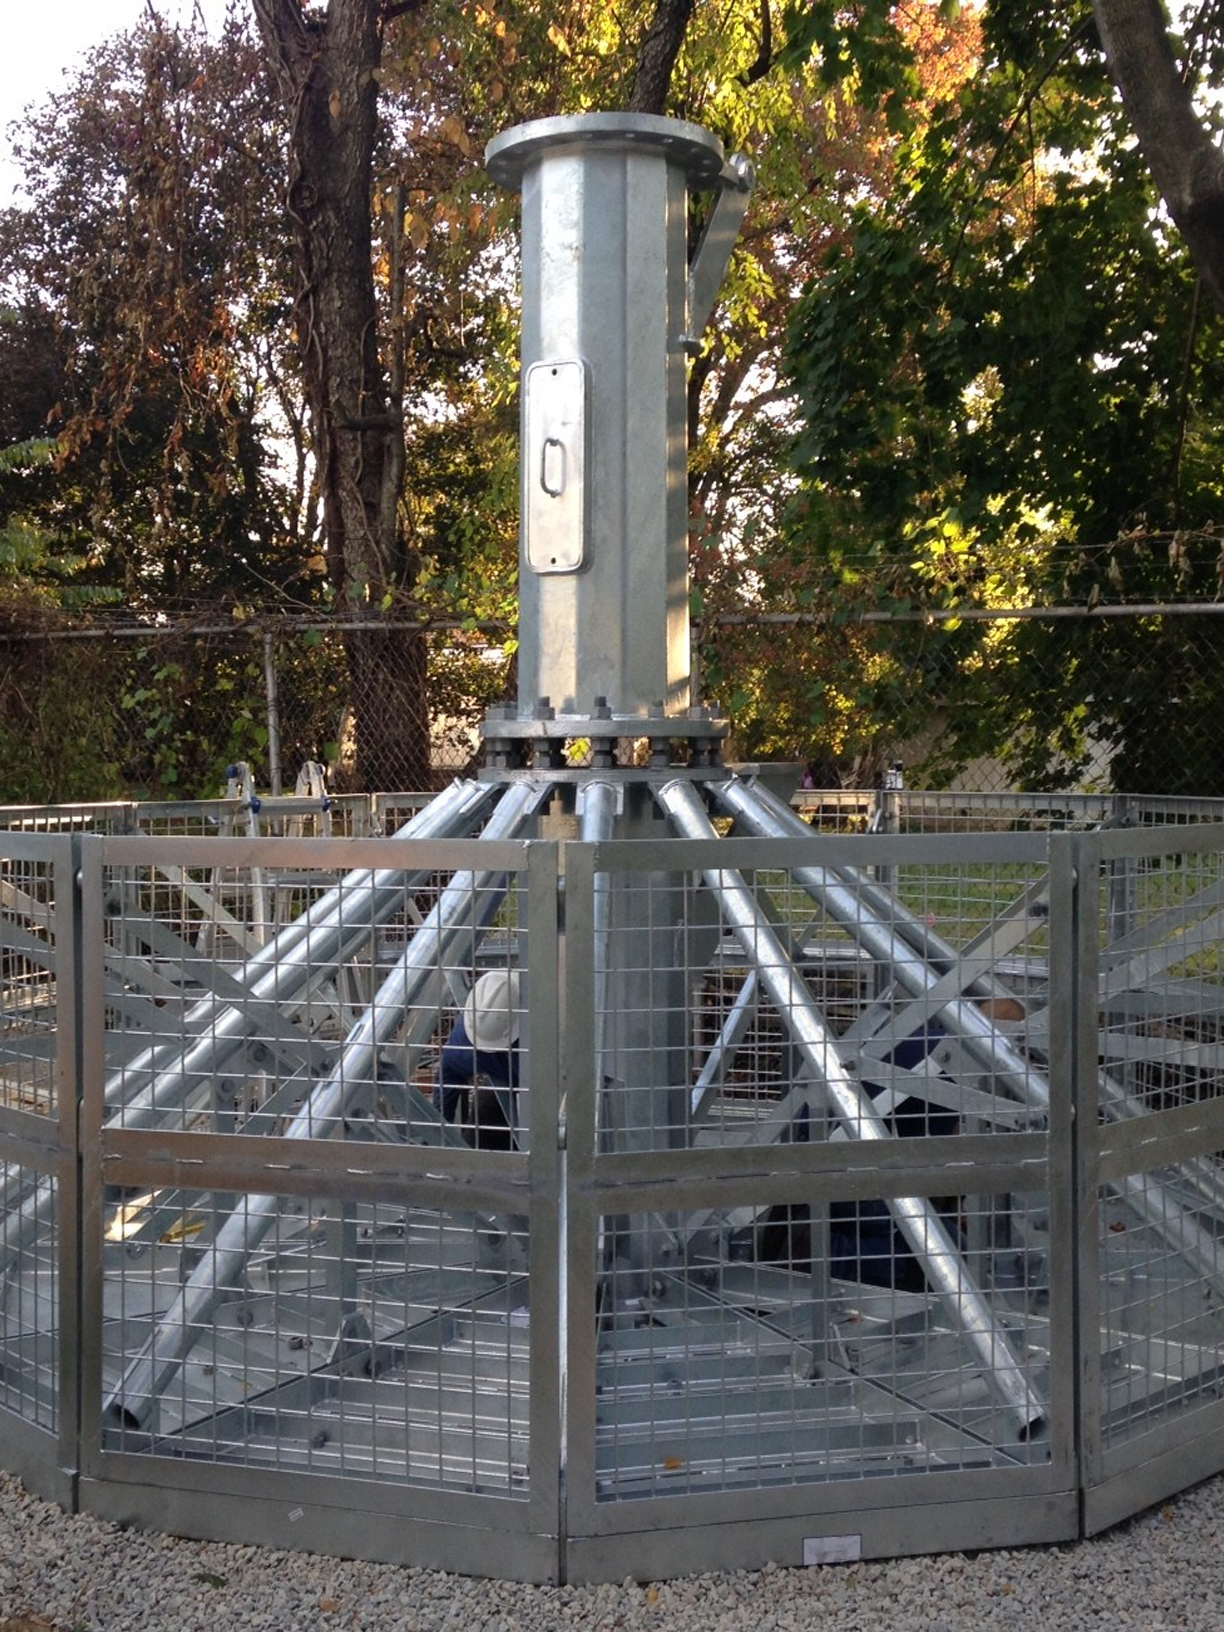 foundationless-telecom-tower